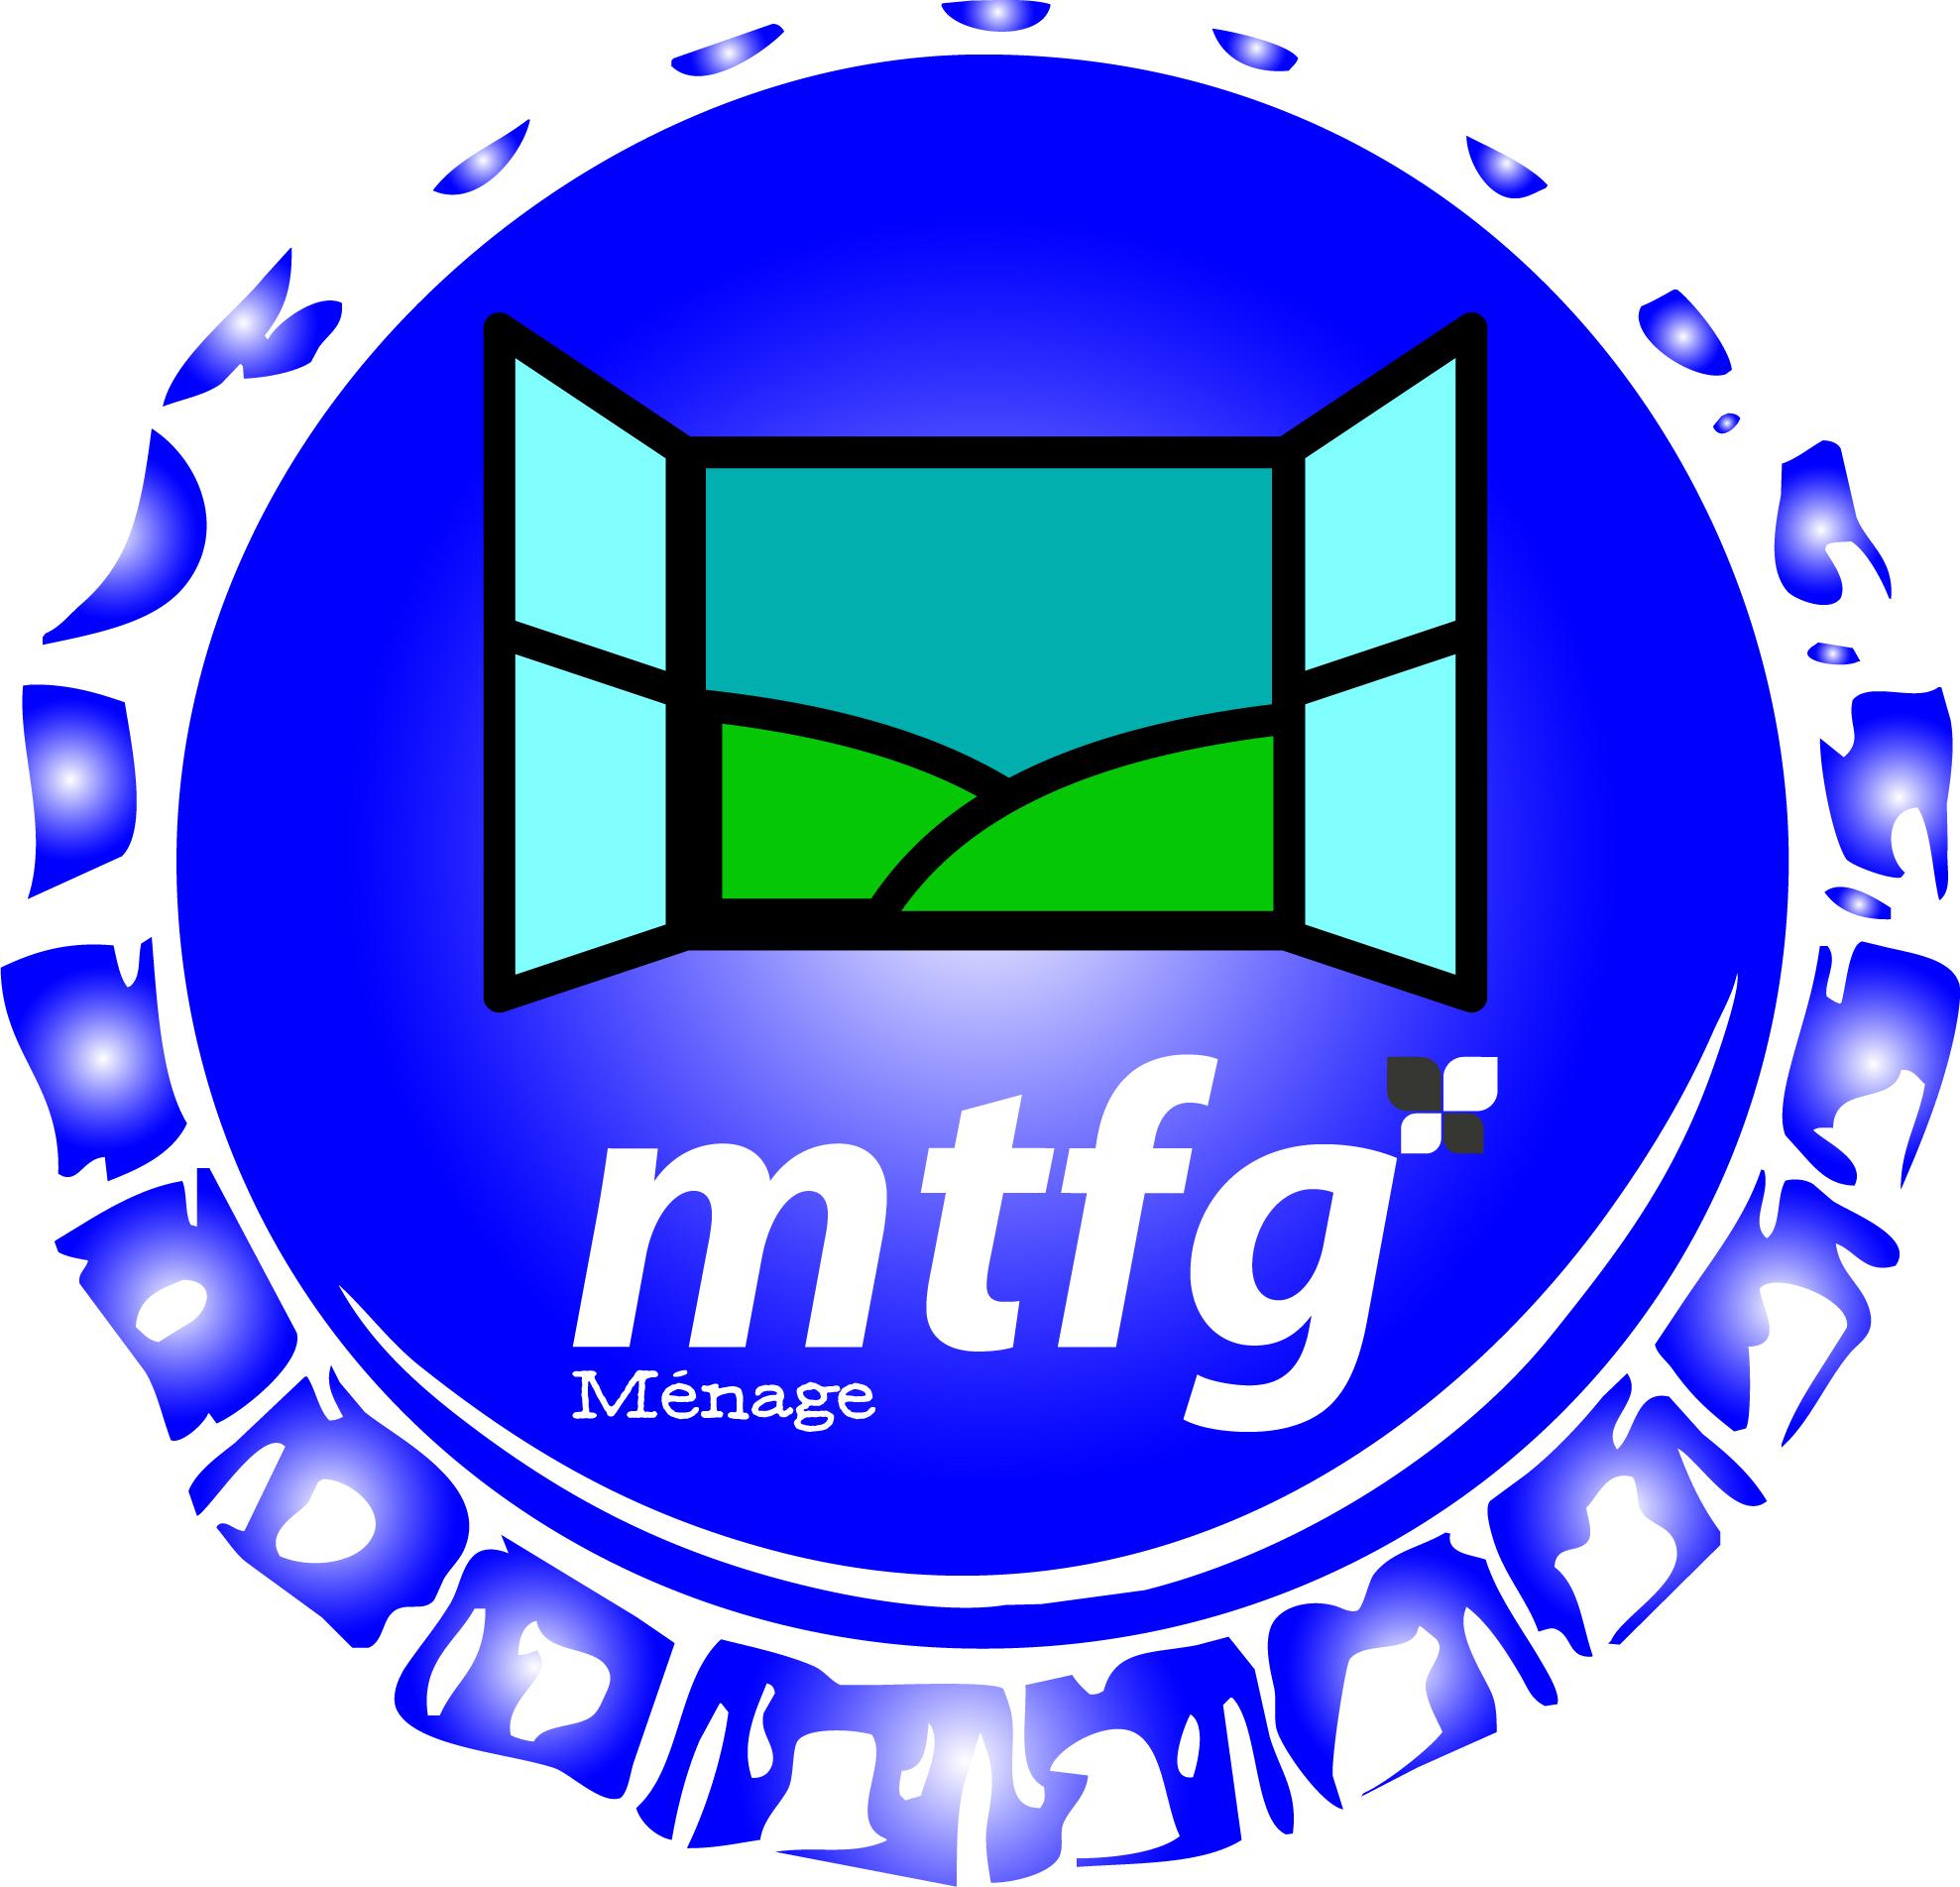 MTFG Ménage